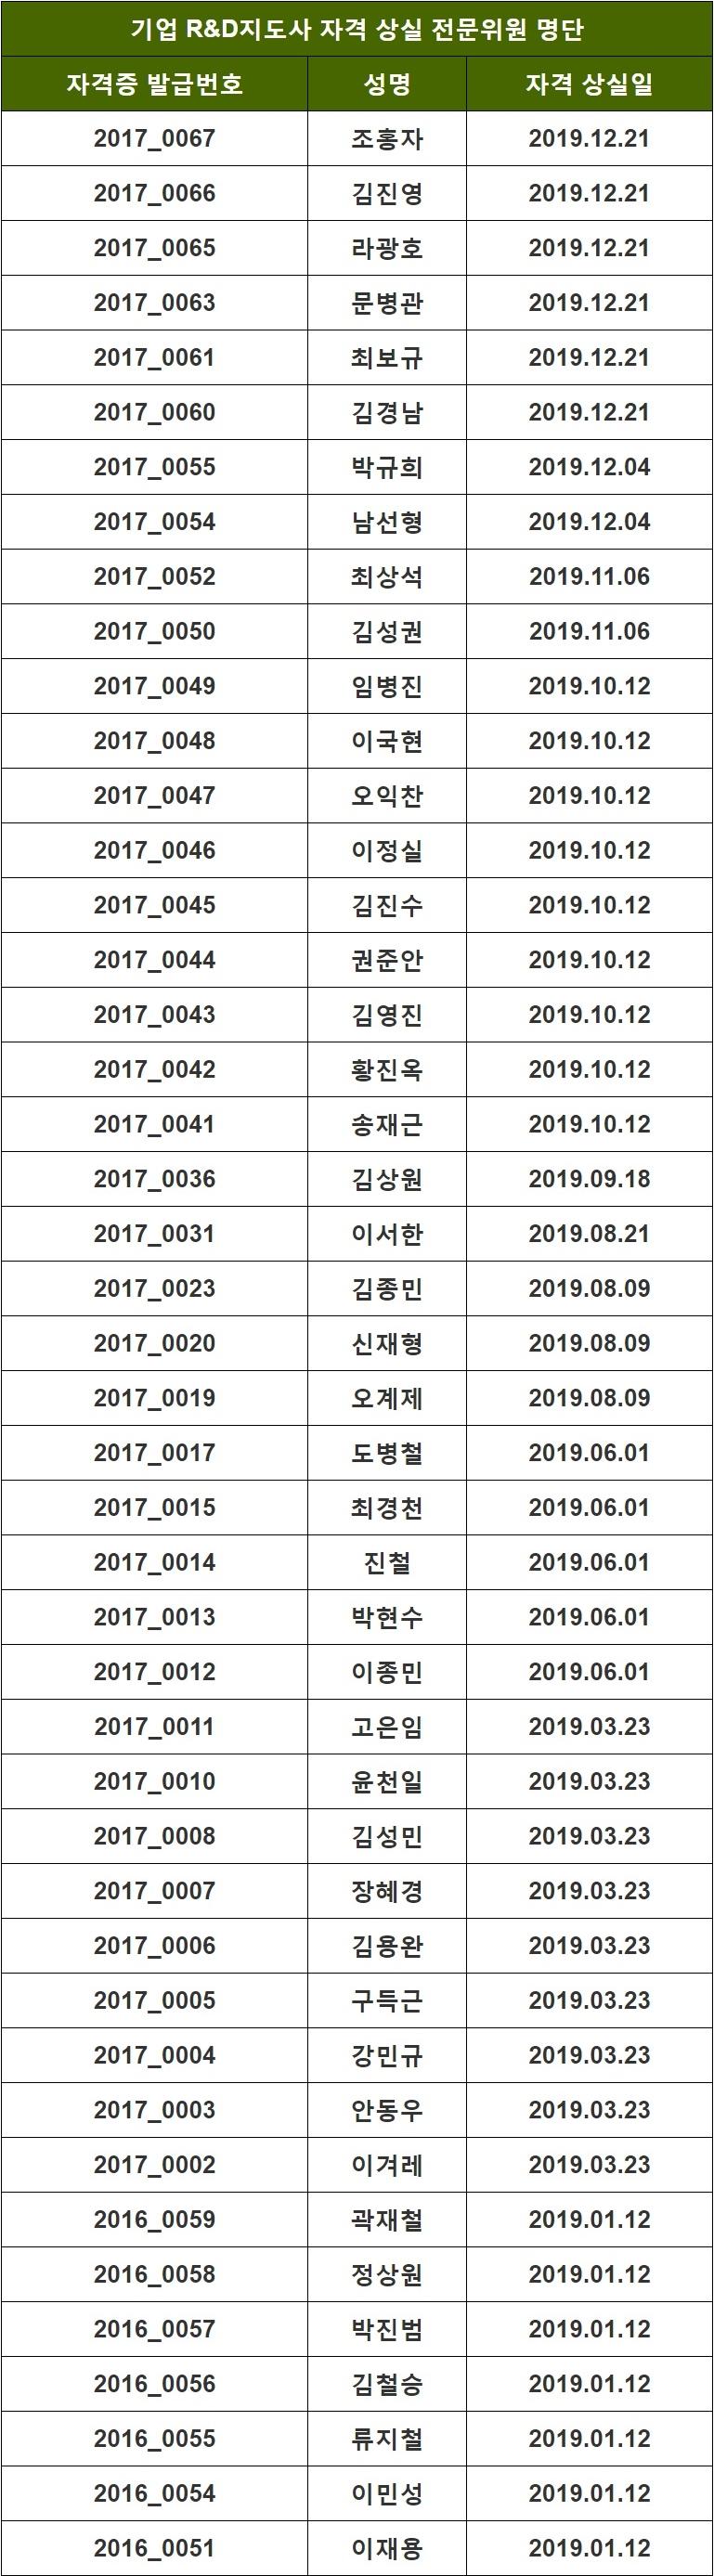 2019년도 지도사 자격 상실 위원 명단_05.26